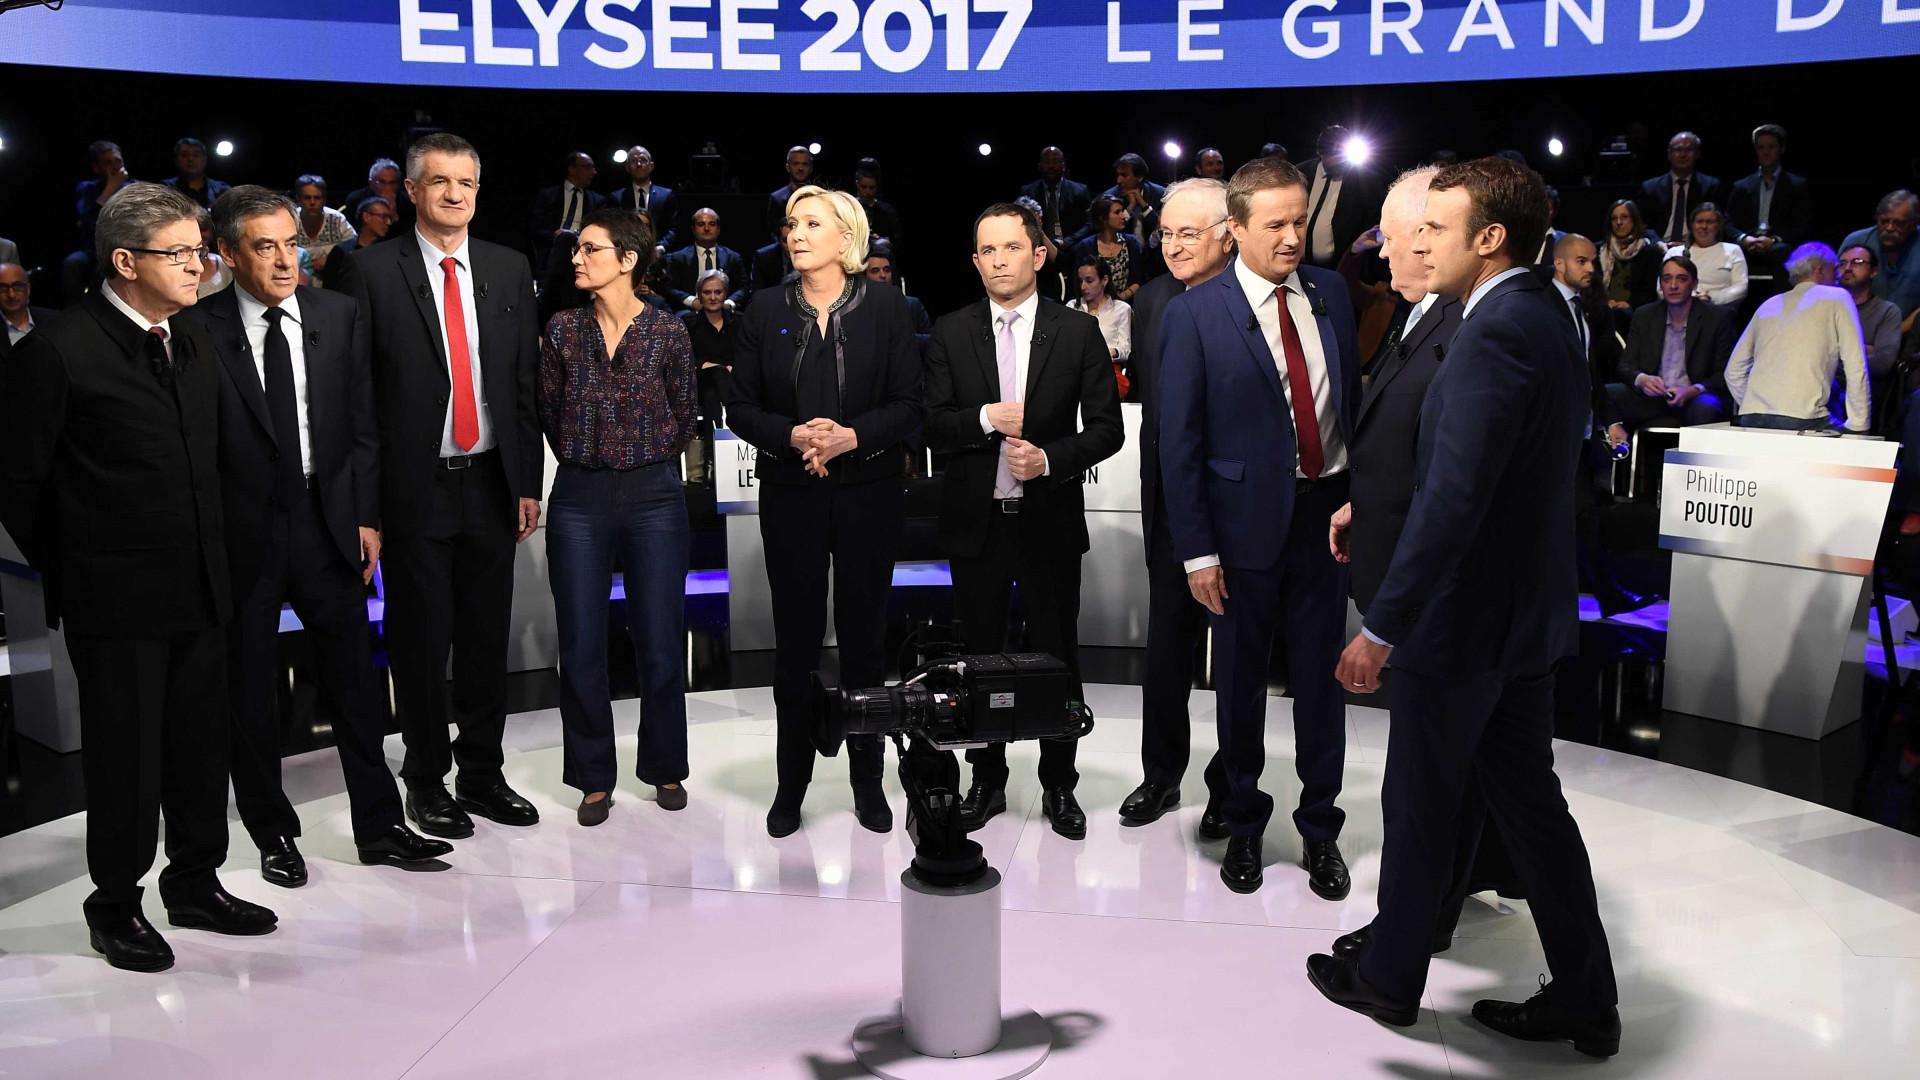 Os 'pequenos' candidatos, da esquerda à direita